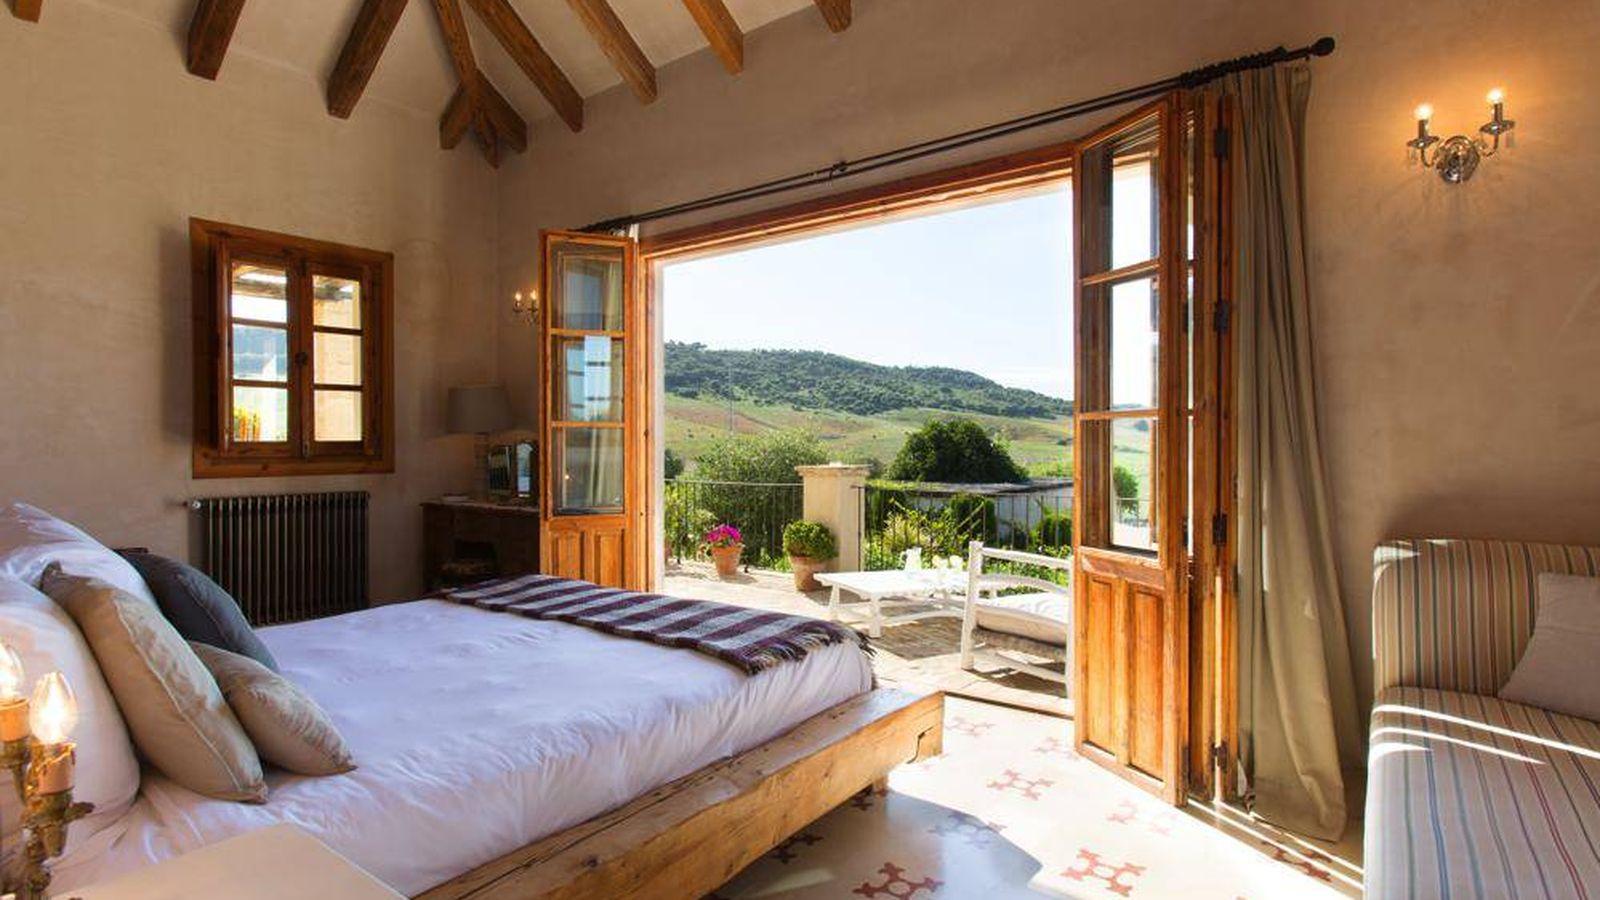 Viajes cuatro hoteles que son casas donde te encantar a for La mansion casa hotel apurimac